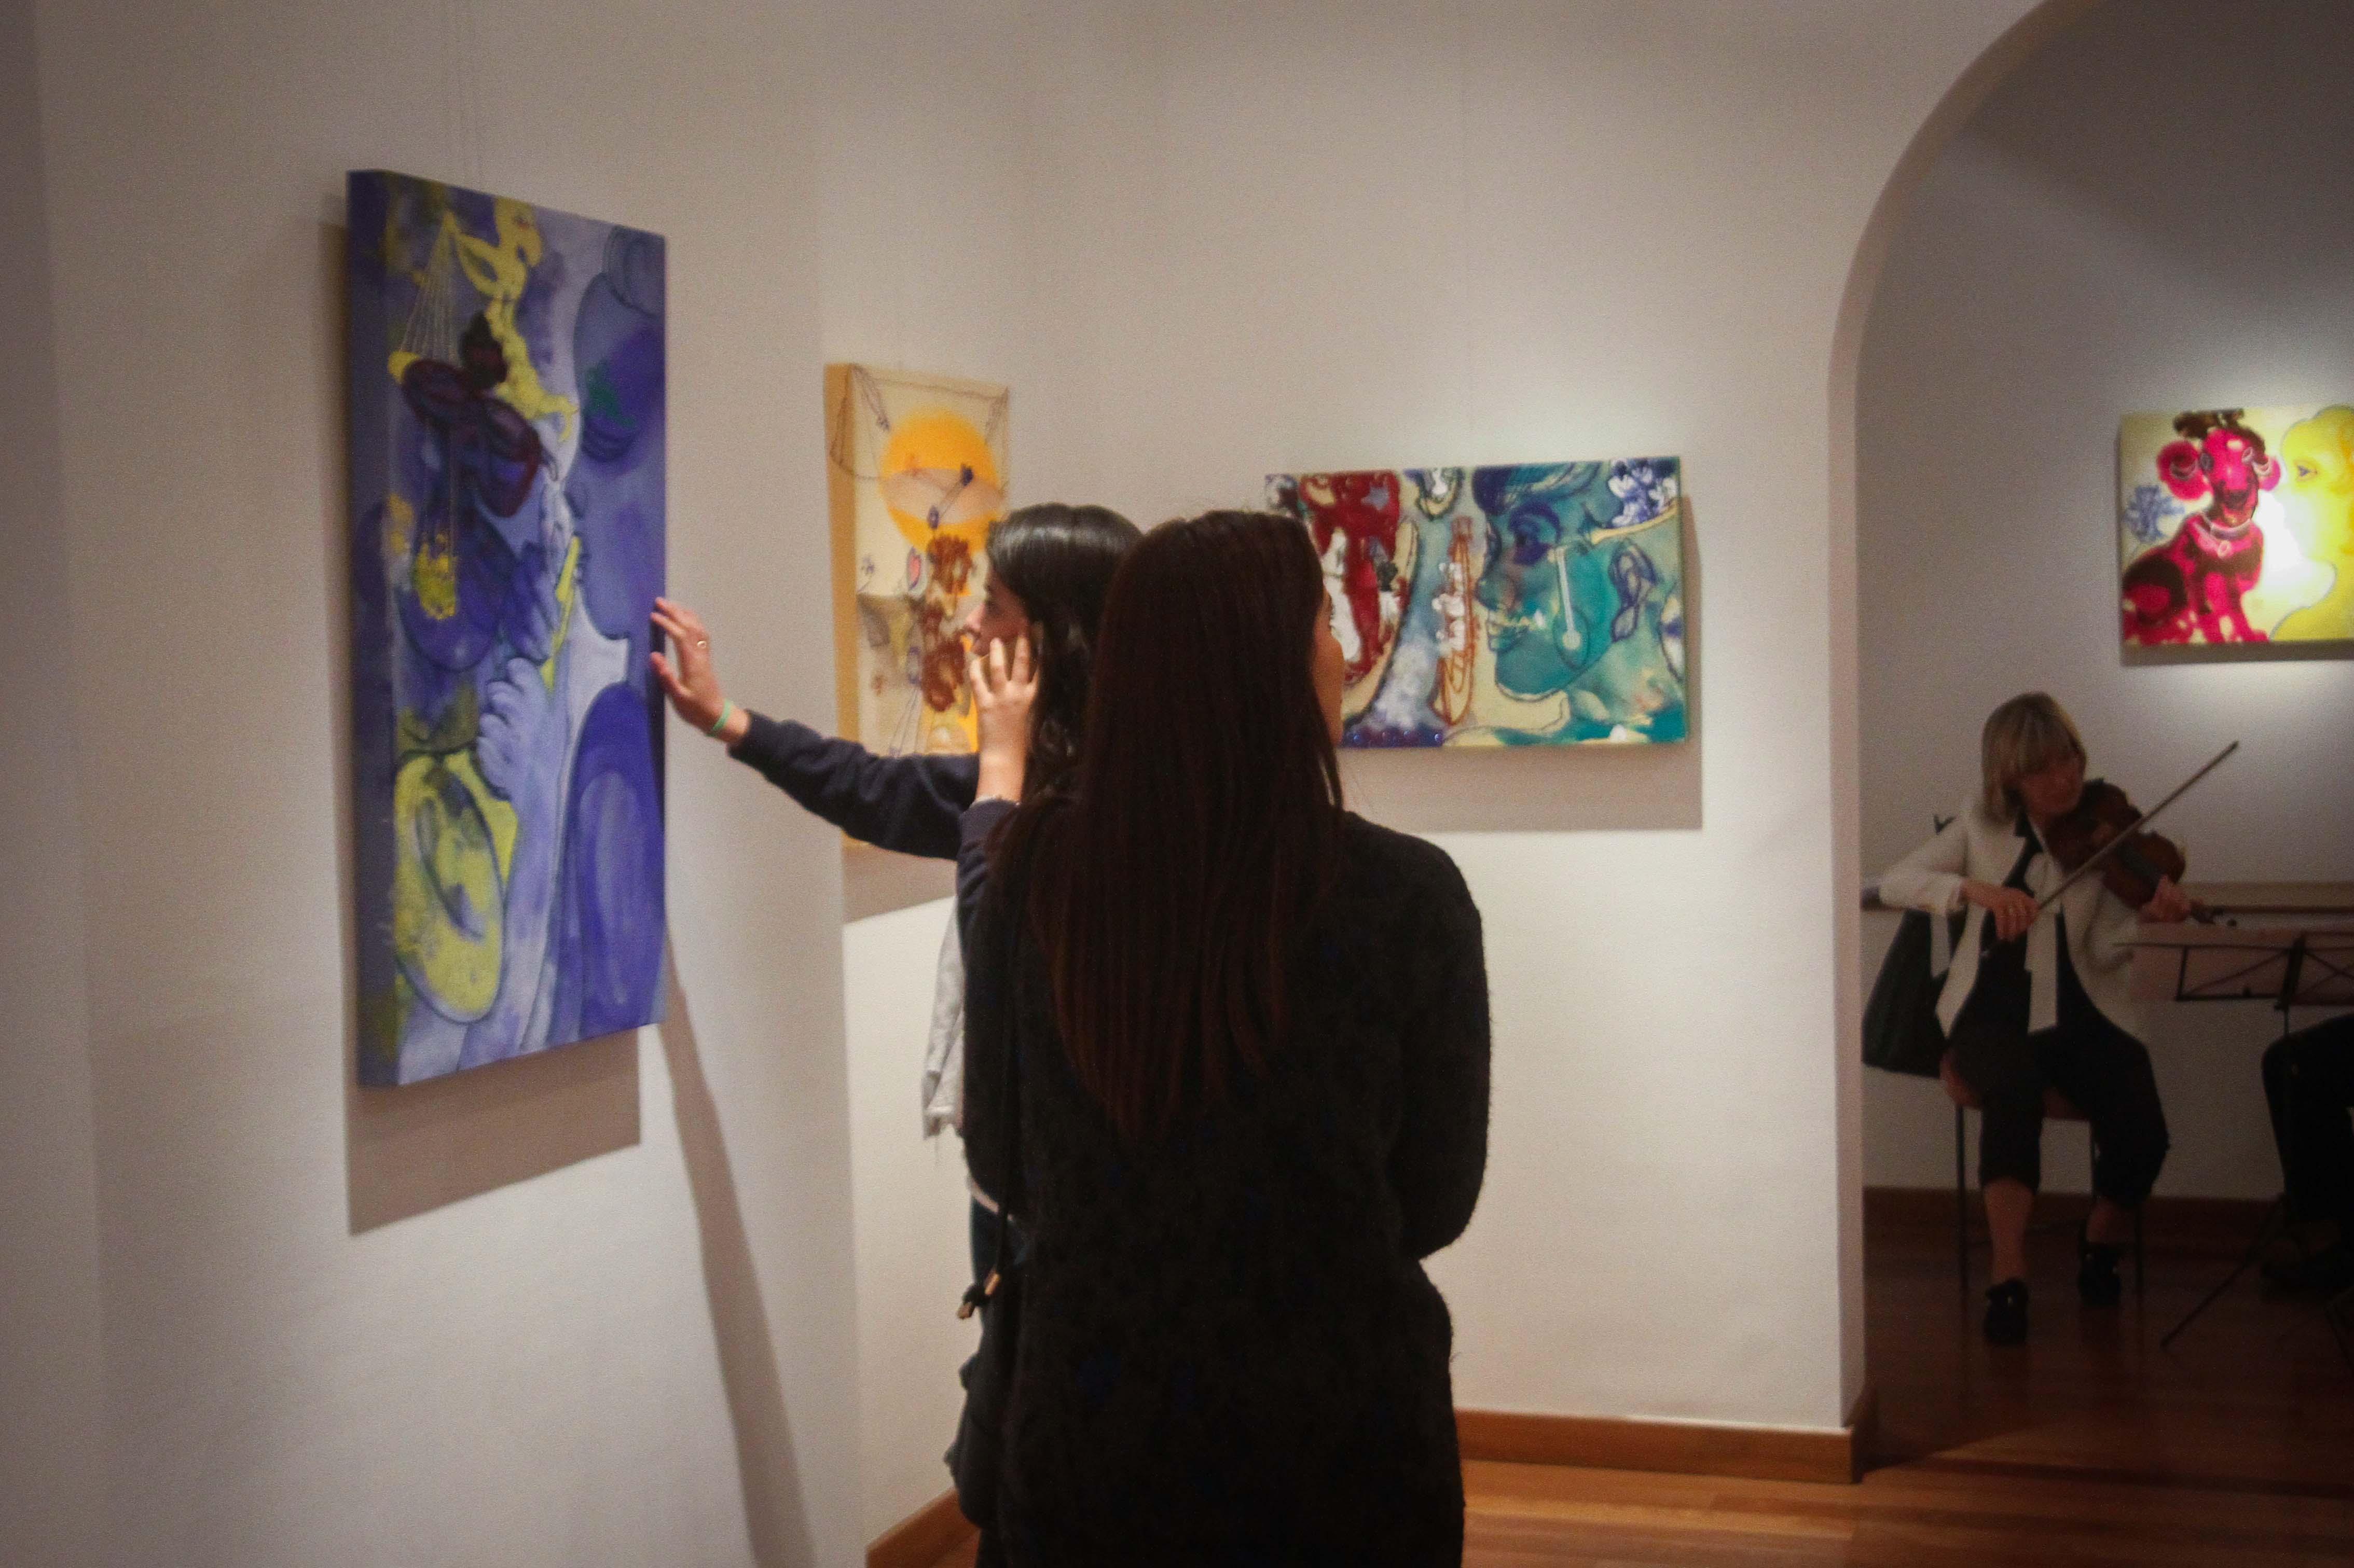 معرض مصر ستعاود العطاء للفنان فرغى عبد الحفيظ (8)